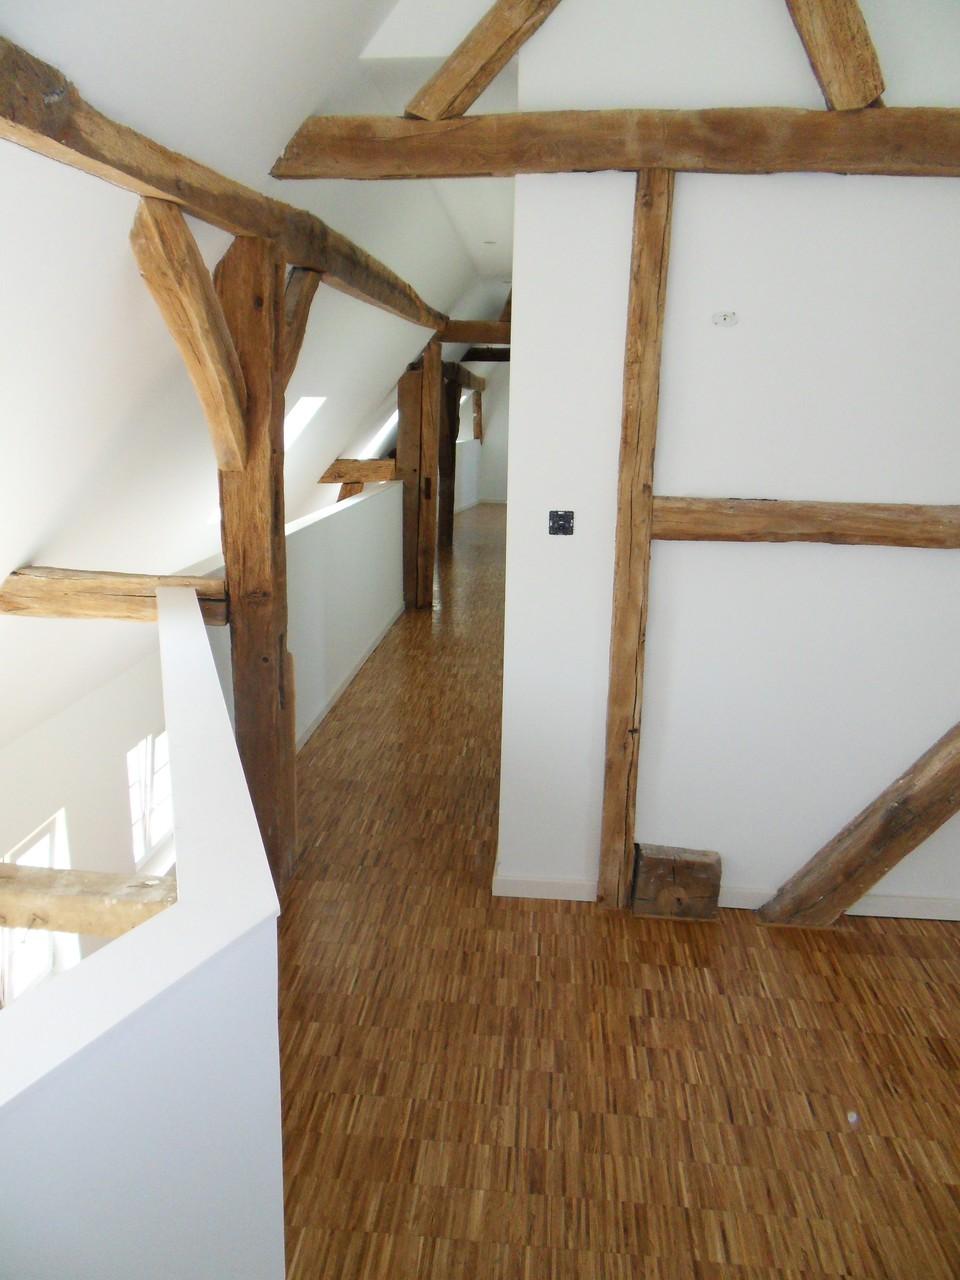 Les sols sont en chêne posé sur chant. Les murs sont peints en blanc afin de conserver une luminosité importante